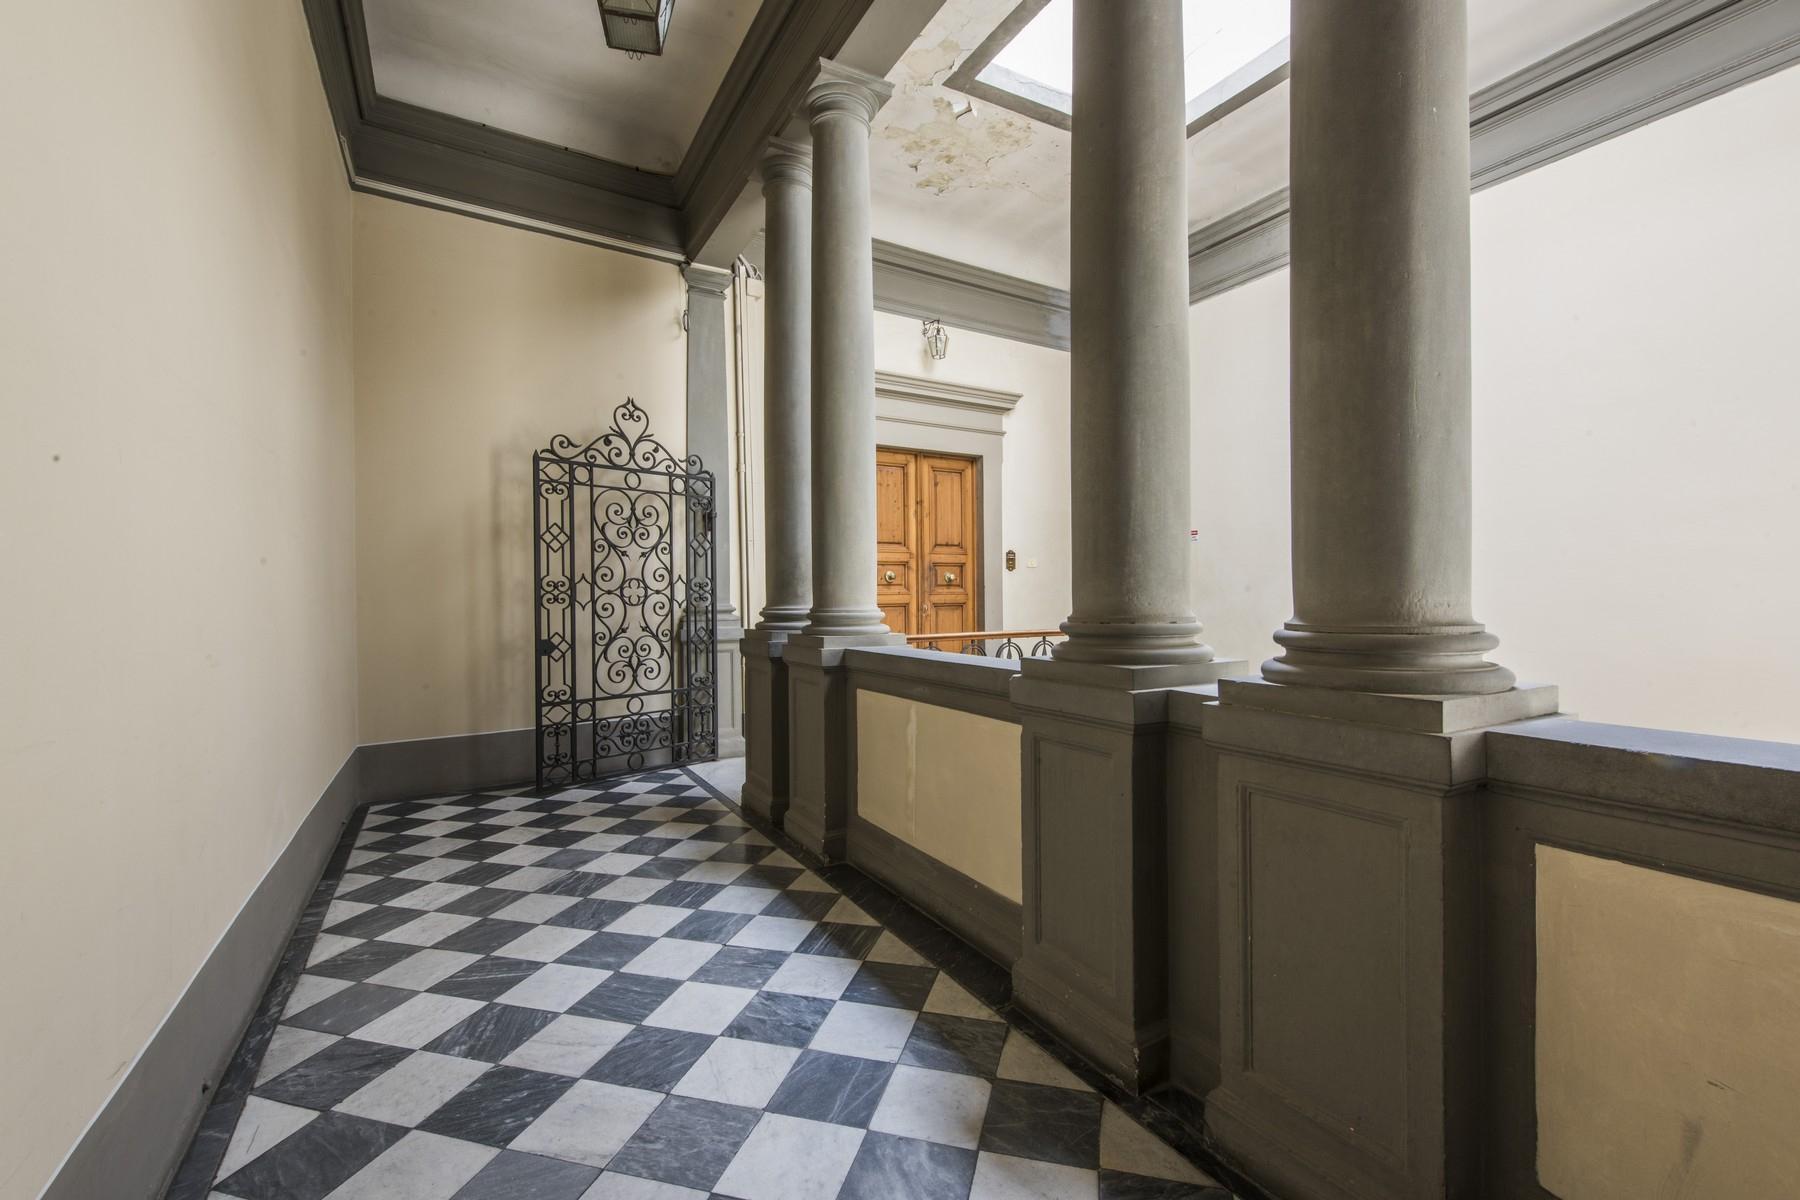 Prächtige 520 qm Penthouse im historischen florentinischen Palast - 3